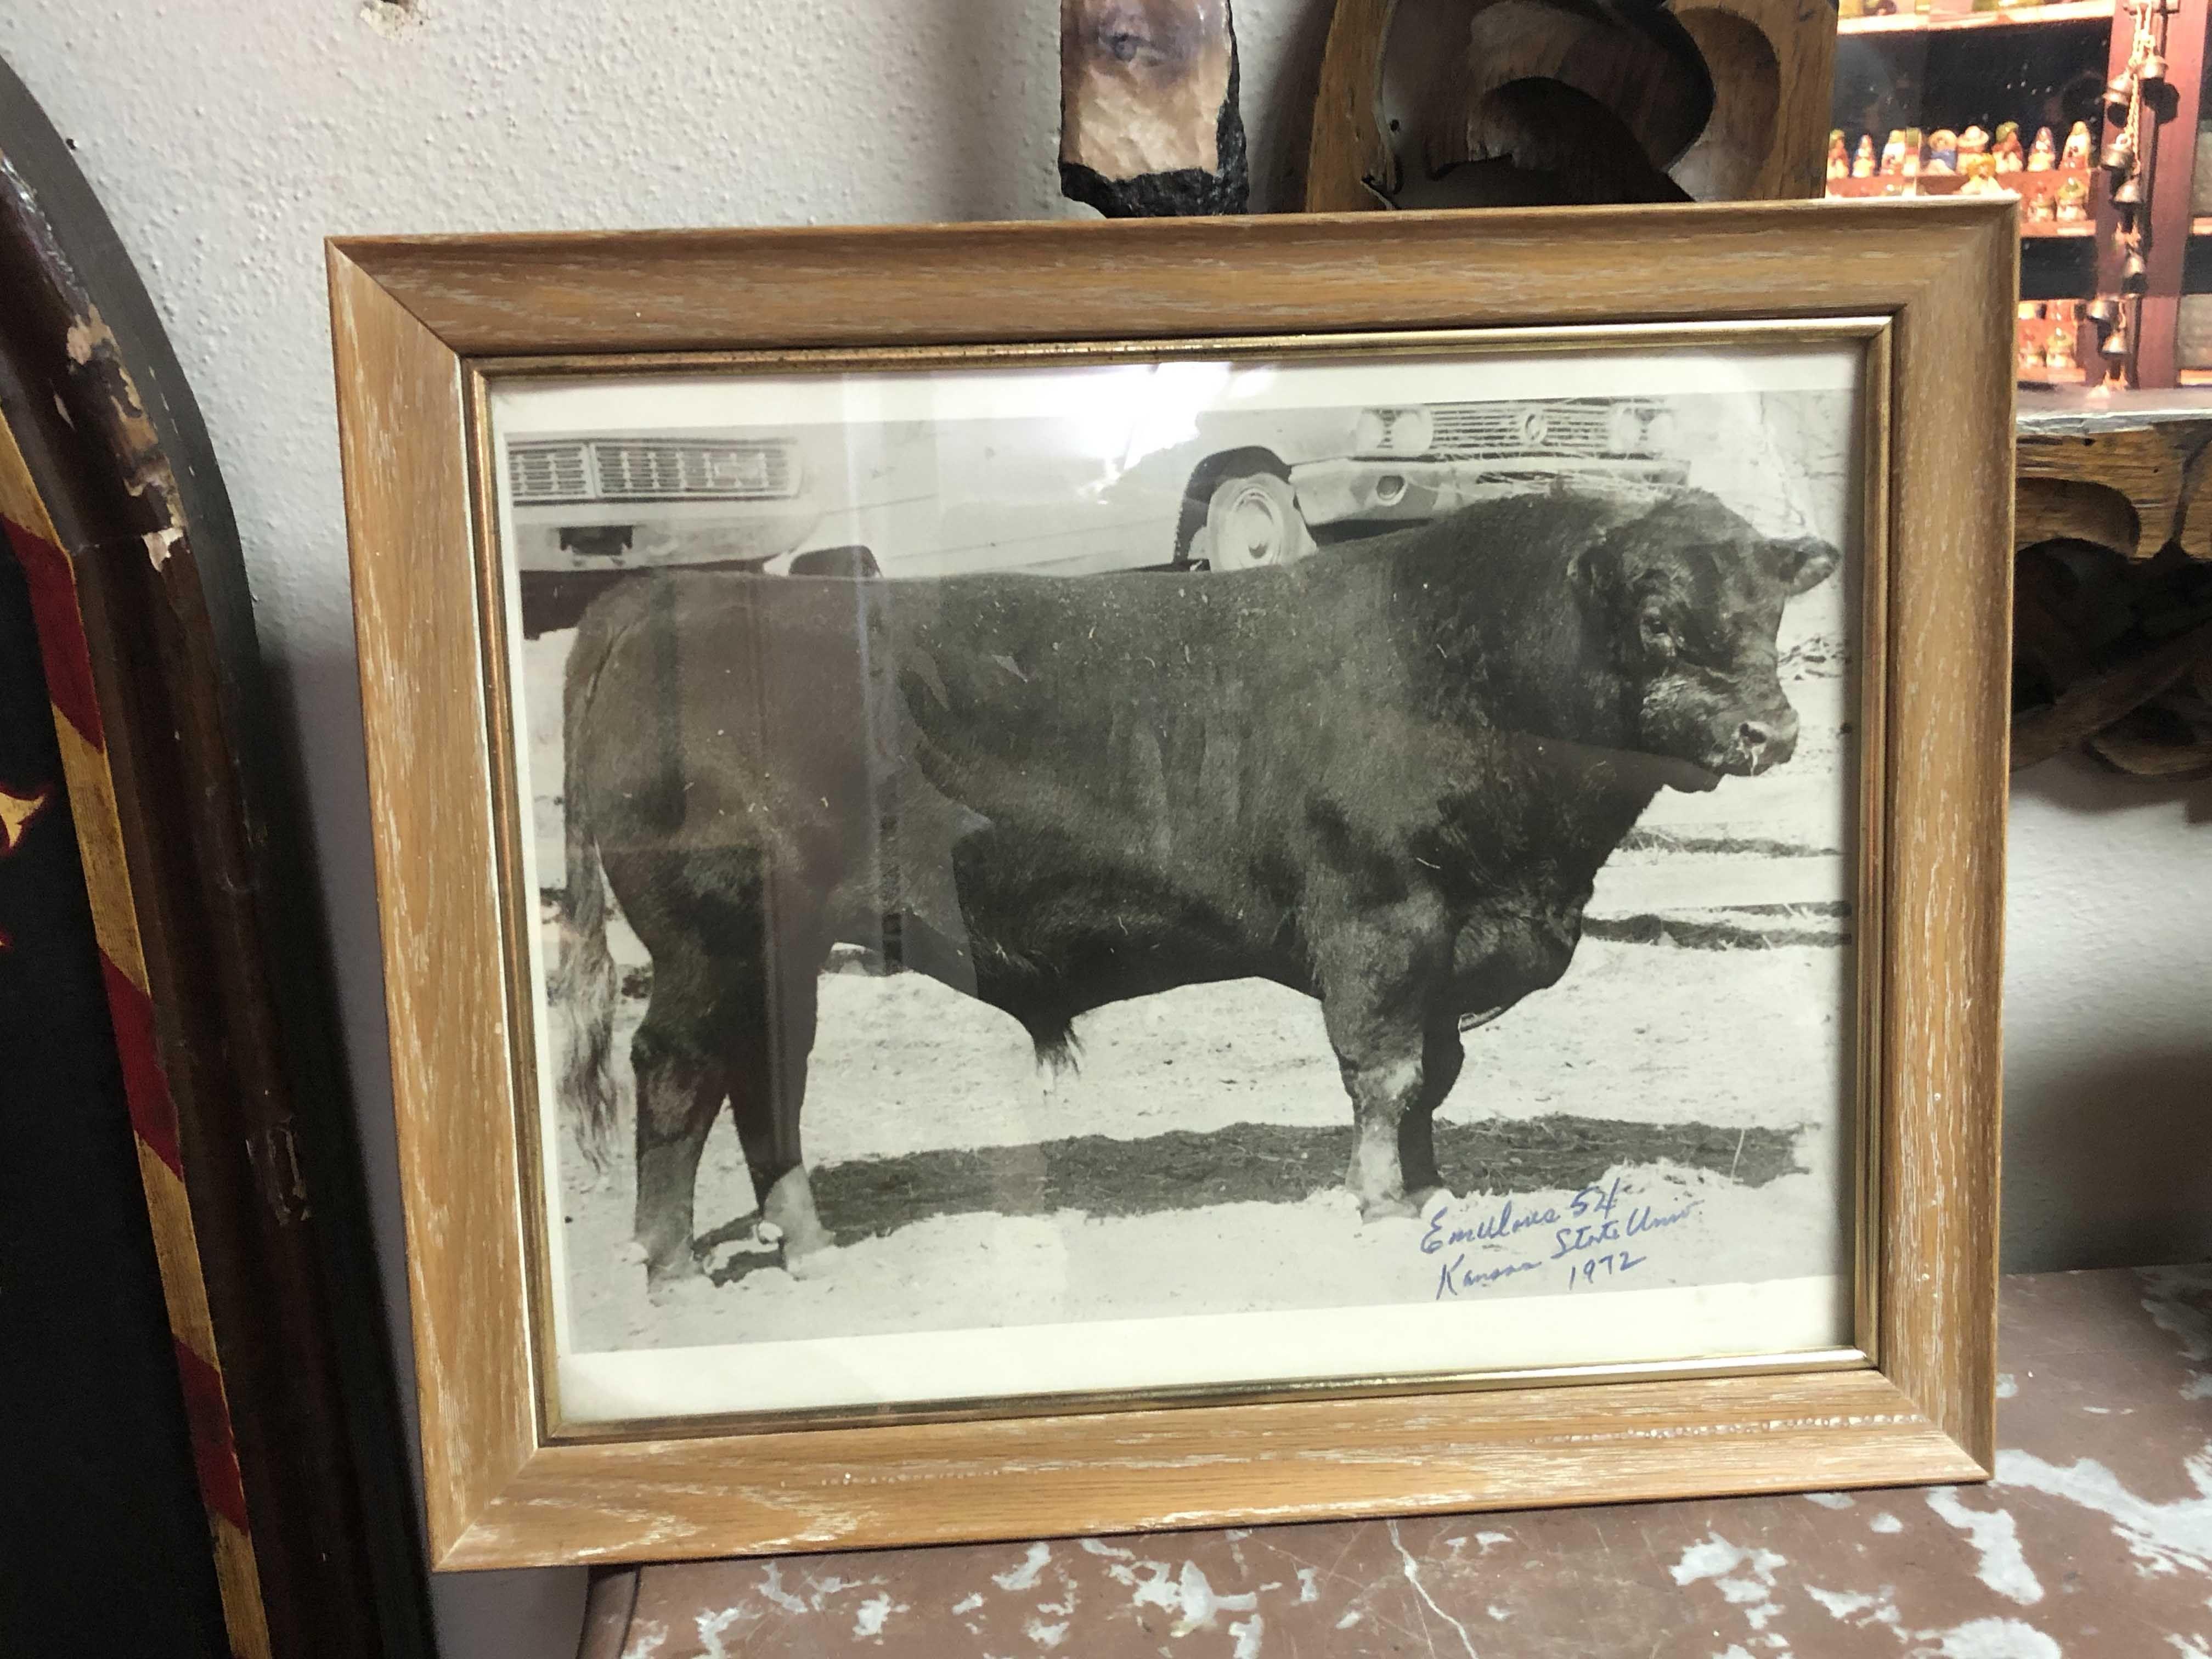 Bevo, Prize Kansas Bull Framed Photo Country Garden